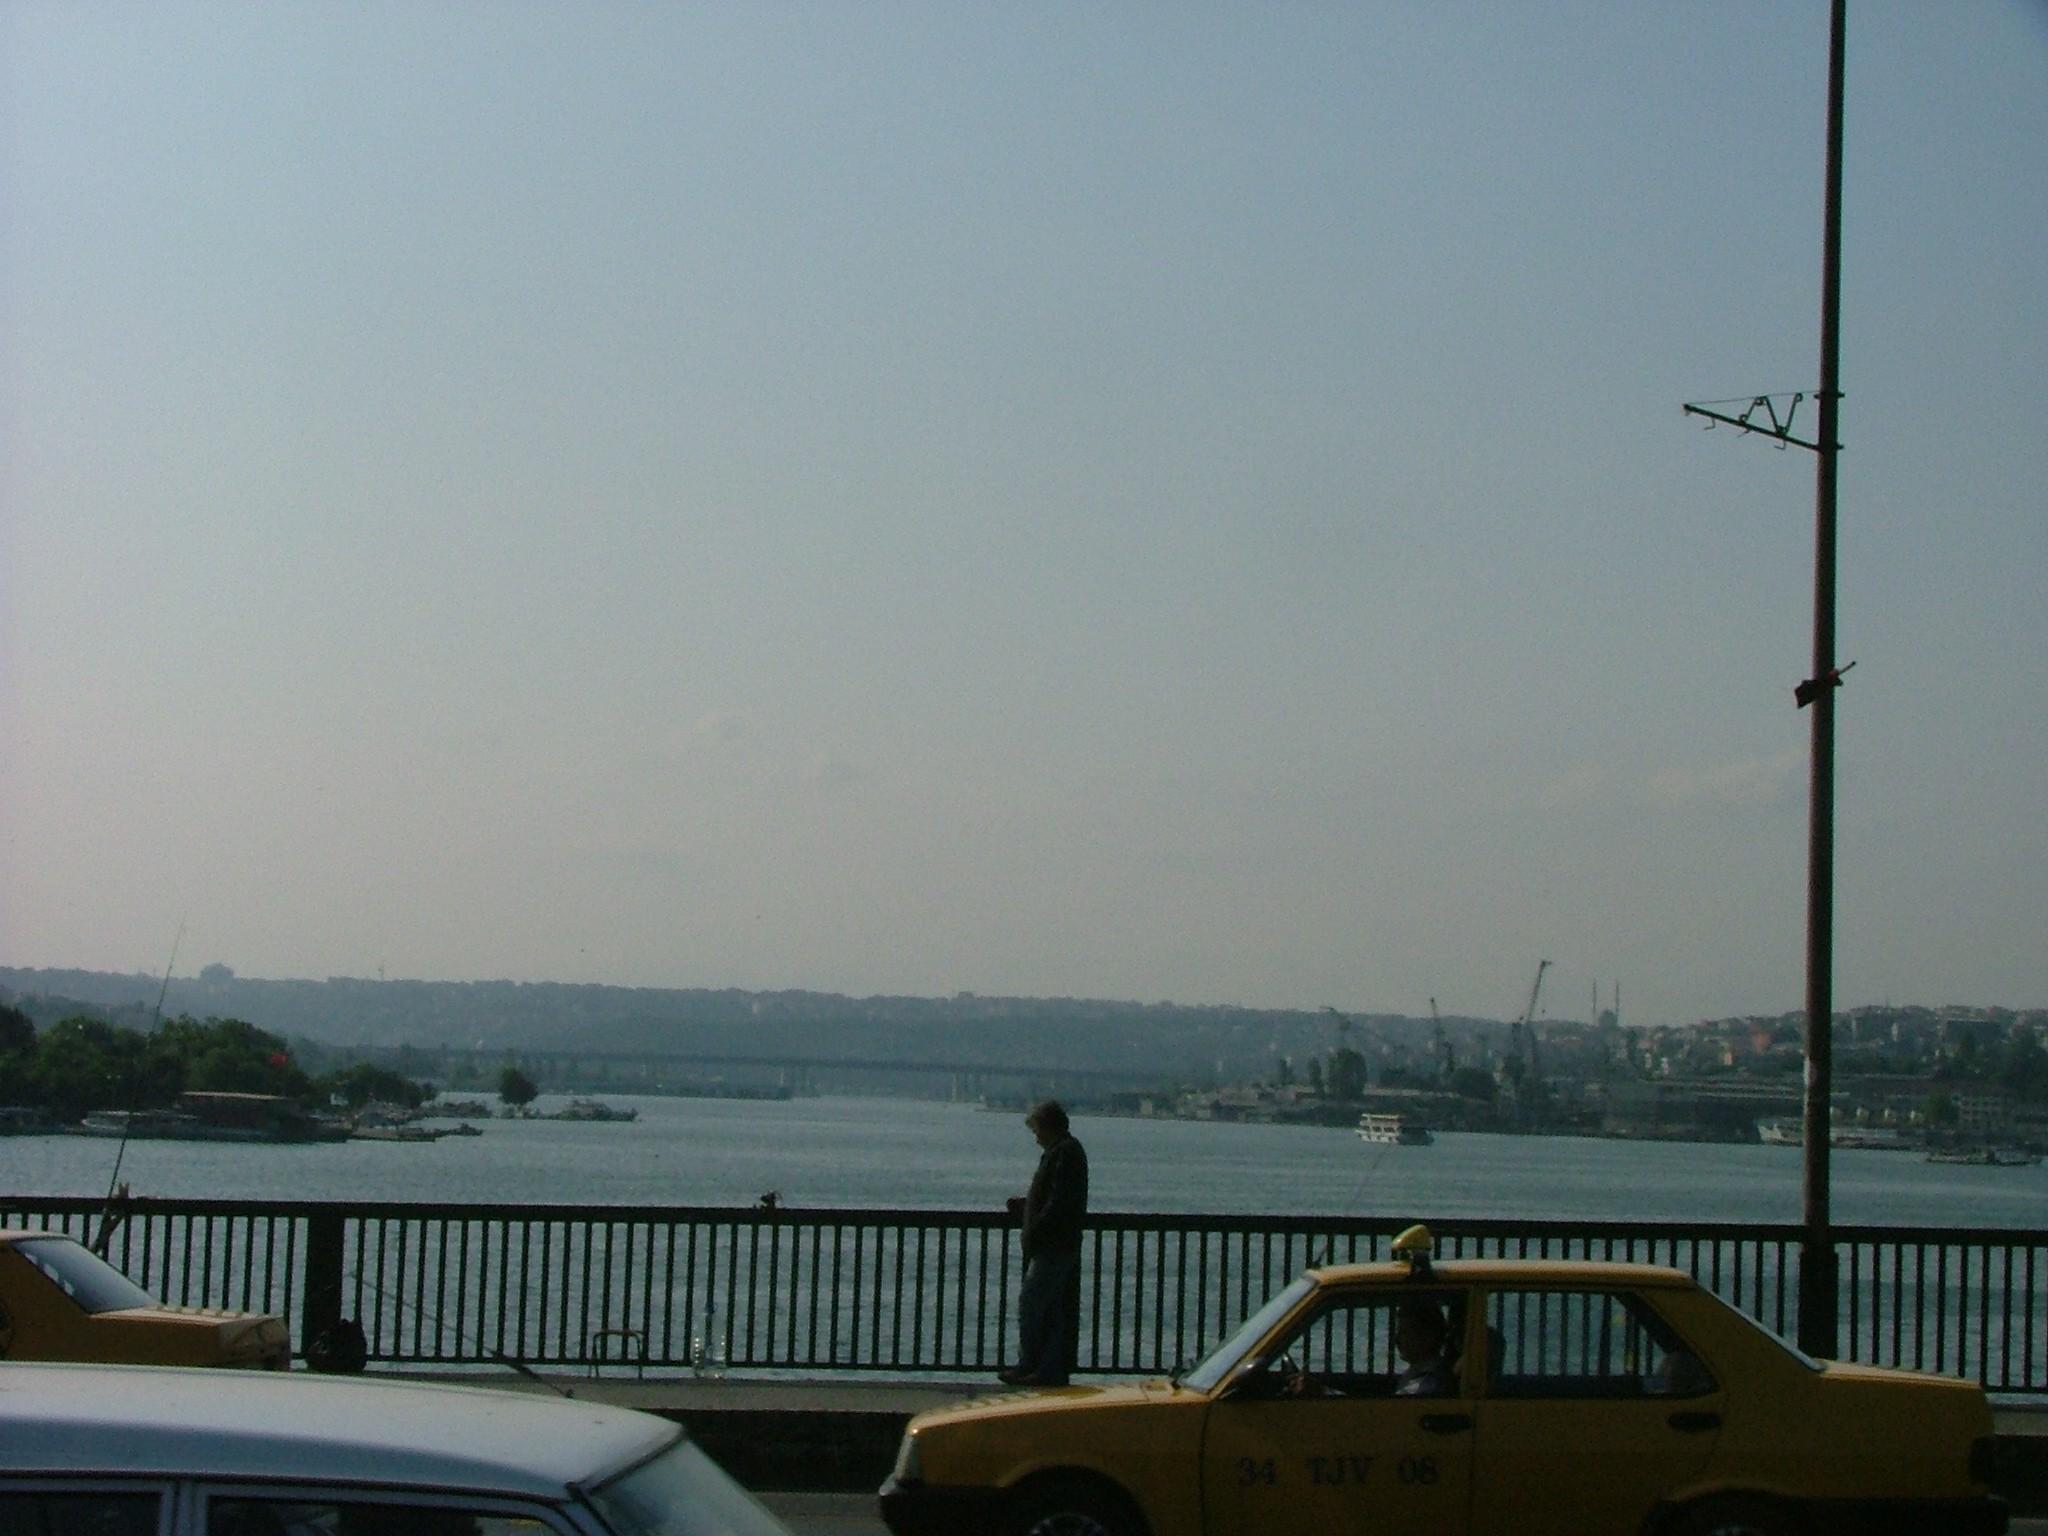 HALİÇ TERSANELERİ  Osmanlı teknoloji ve sanayi tarihinin önde gelen tesislerinden olan Haliç Tersaneleri, Haliç, Camialtı ve Taşkızak Tersaneleri olmak üzere üç tersaneden oluşuyor. 1455 yılında Fatih Sultan Mehmet tarafından yaptırılan tersanelerden Haliç ve Camialtı Tersaneleri günümüzde Türkiye Denizcilik İşletmeleri A.Ş.'ne, Taşkızak Tersanesi ise, T.C. Deniz Kuvvetleri Komutanlığı'na bağlı. İşlevini sürdüren tersanelerde gemi inşa kızakları, kuru havuzlar, vinçler olmakla birlikte, tasarım, modelleme, döküm atölyeleri, motor bakım ve onarım fabrikaları yer alıyor.